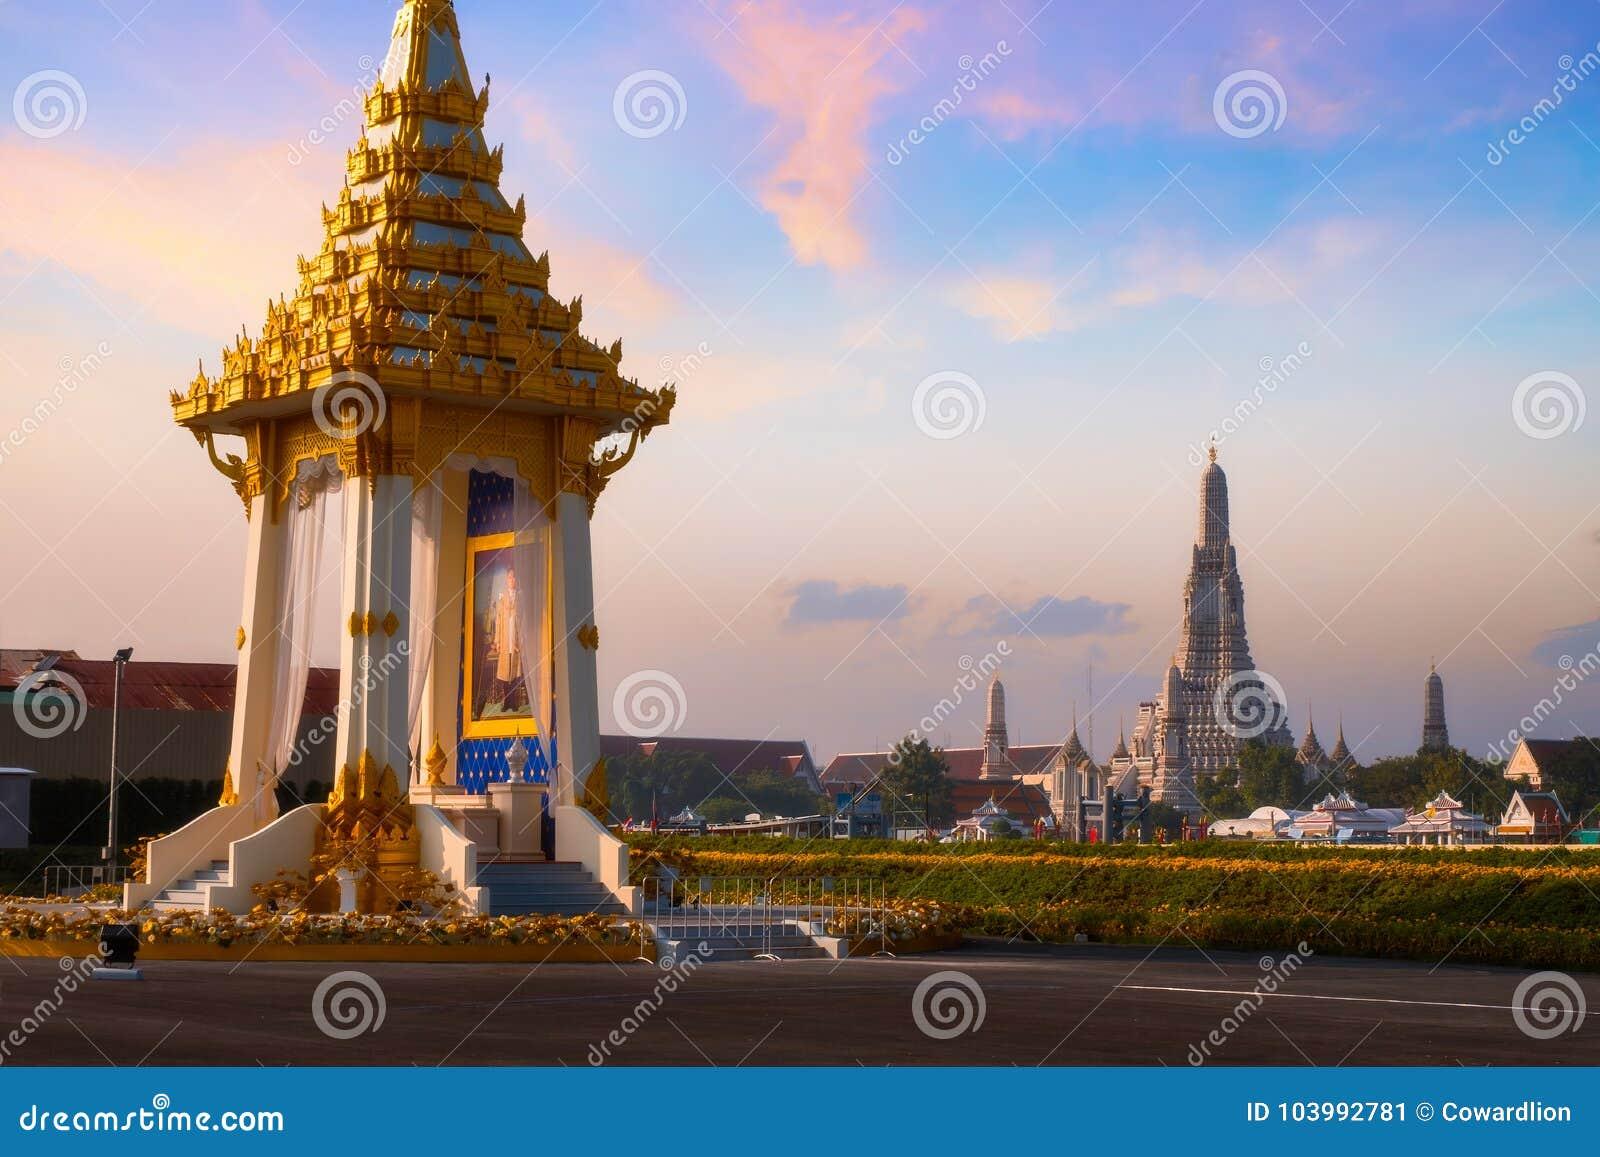 Kopian av den kungliga krematoriet av hans sena konung Bhumibol Adulyadej som för majestät byggs för den kungliga begravningen på